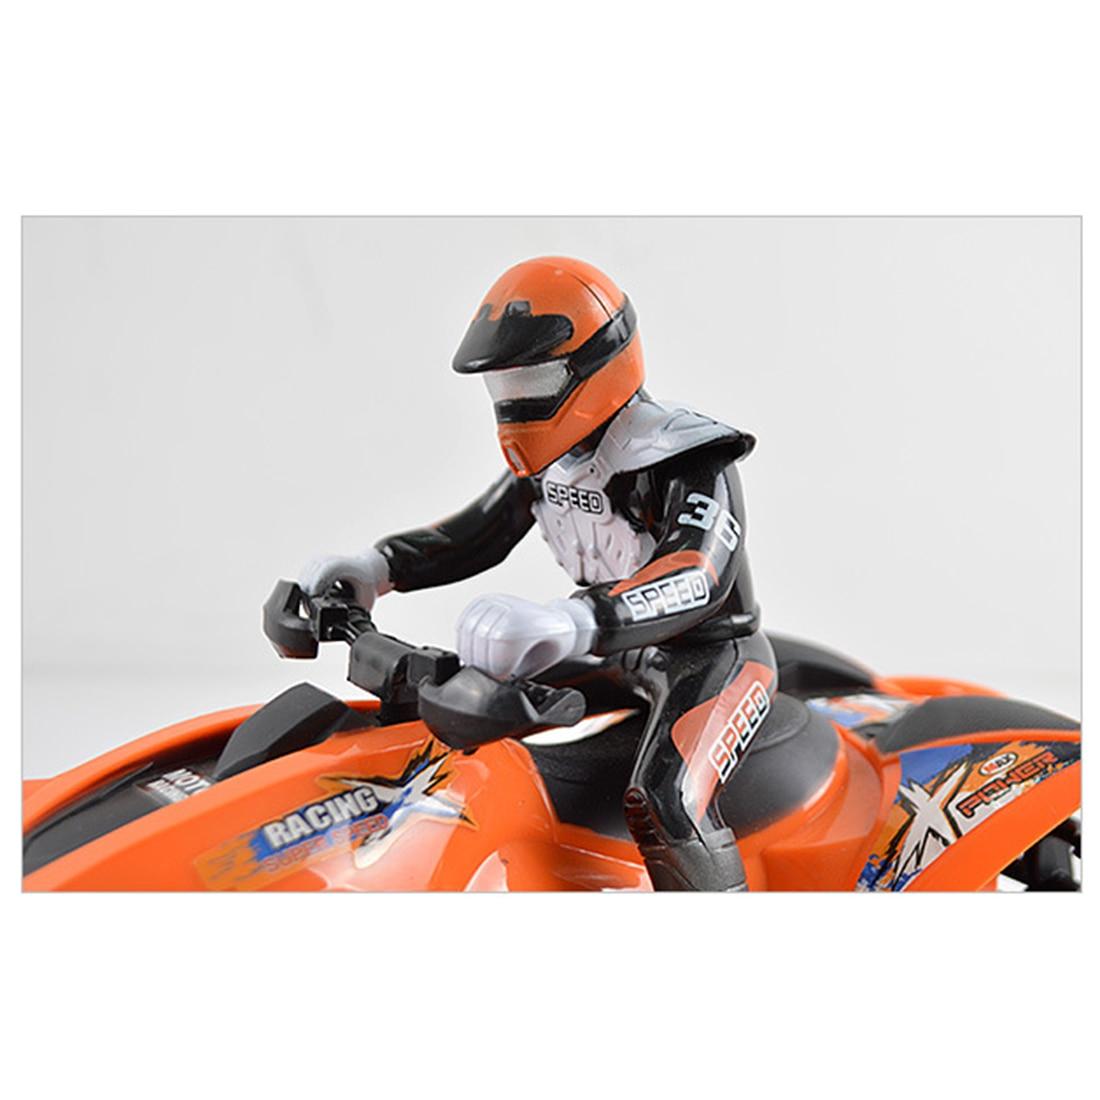 Children Boys Toy Remote Control Toys Motocross Boy Girl Four-wheeled RC Motorcycle Cool Toy Car Toys & Hobbies EU Plug Orange Pakistan